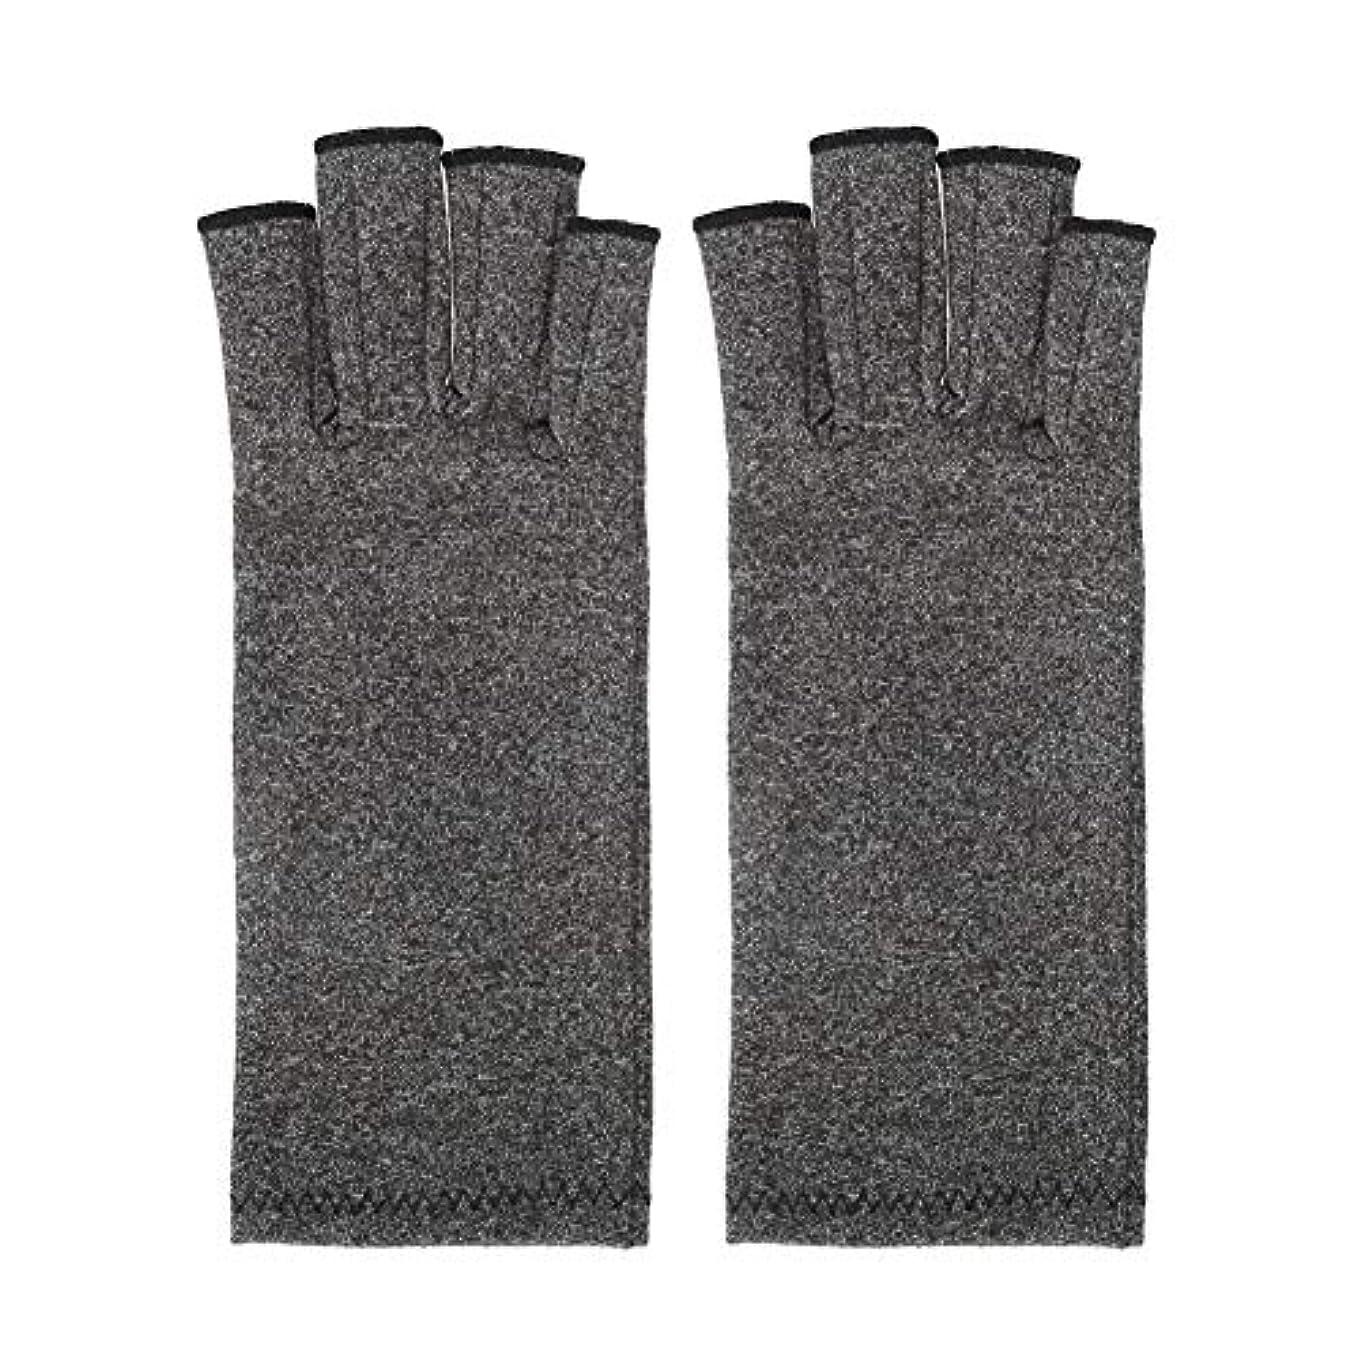 抗関節炎手袋抗関節炎ヘルスケアリハビリテーショントレーニング手袋圧縮療法リウマチ性疼痛